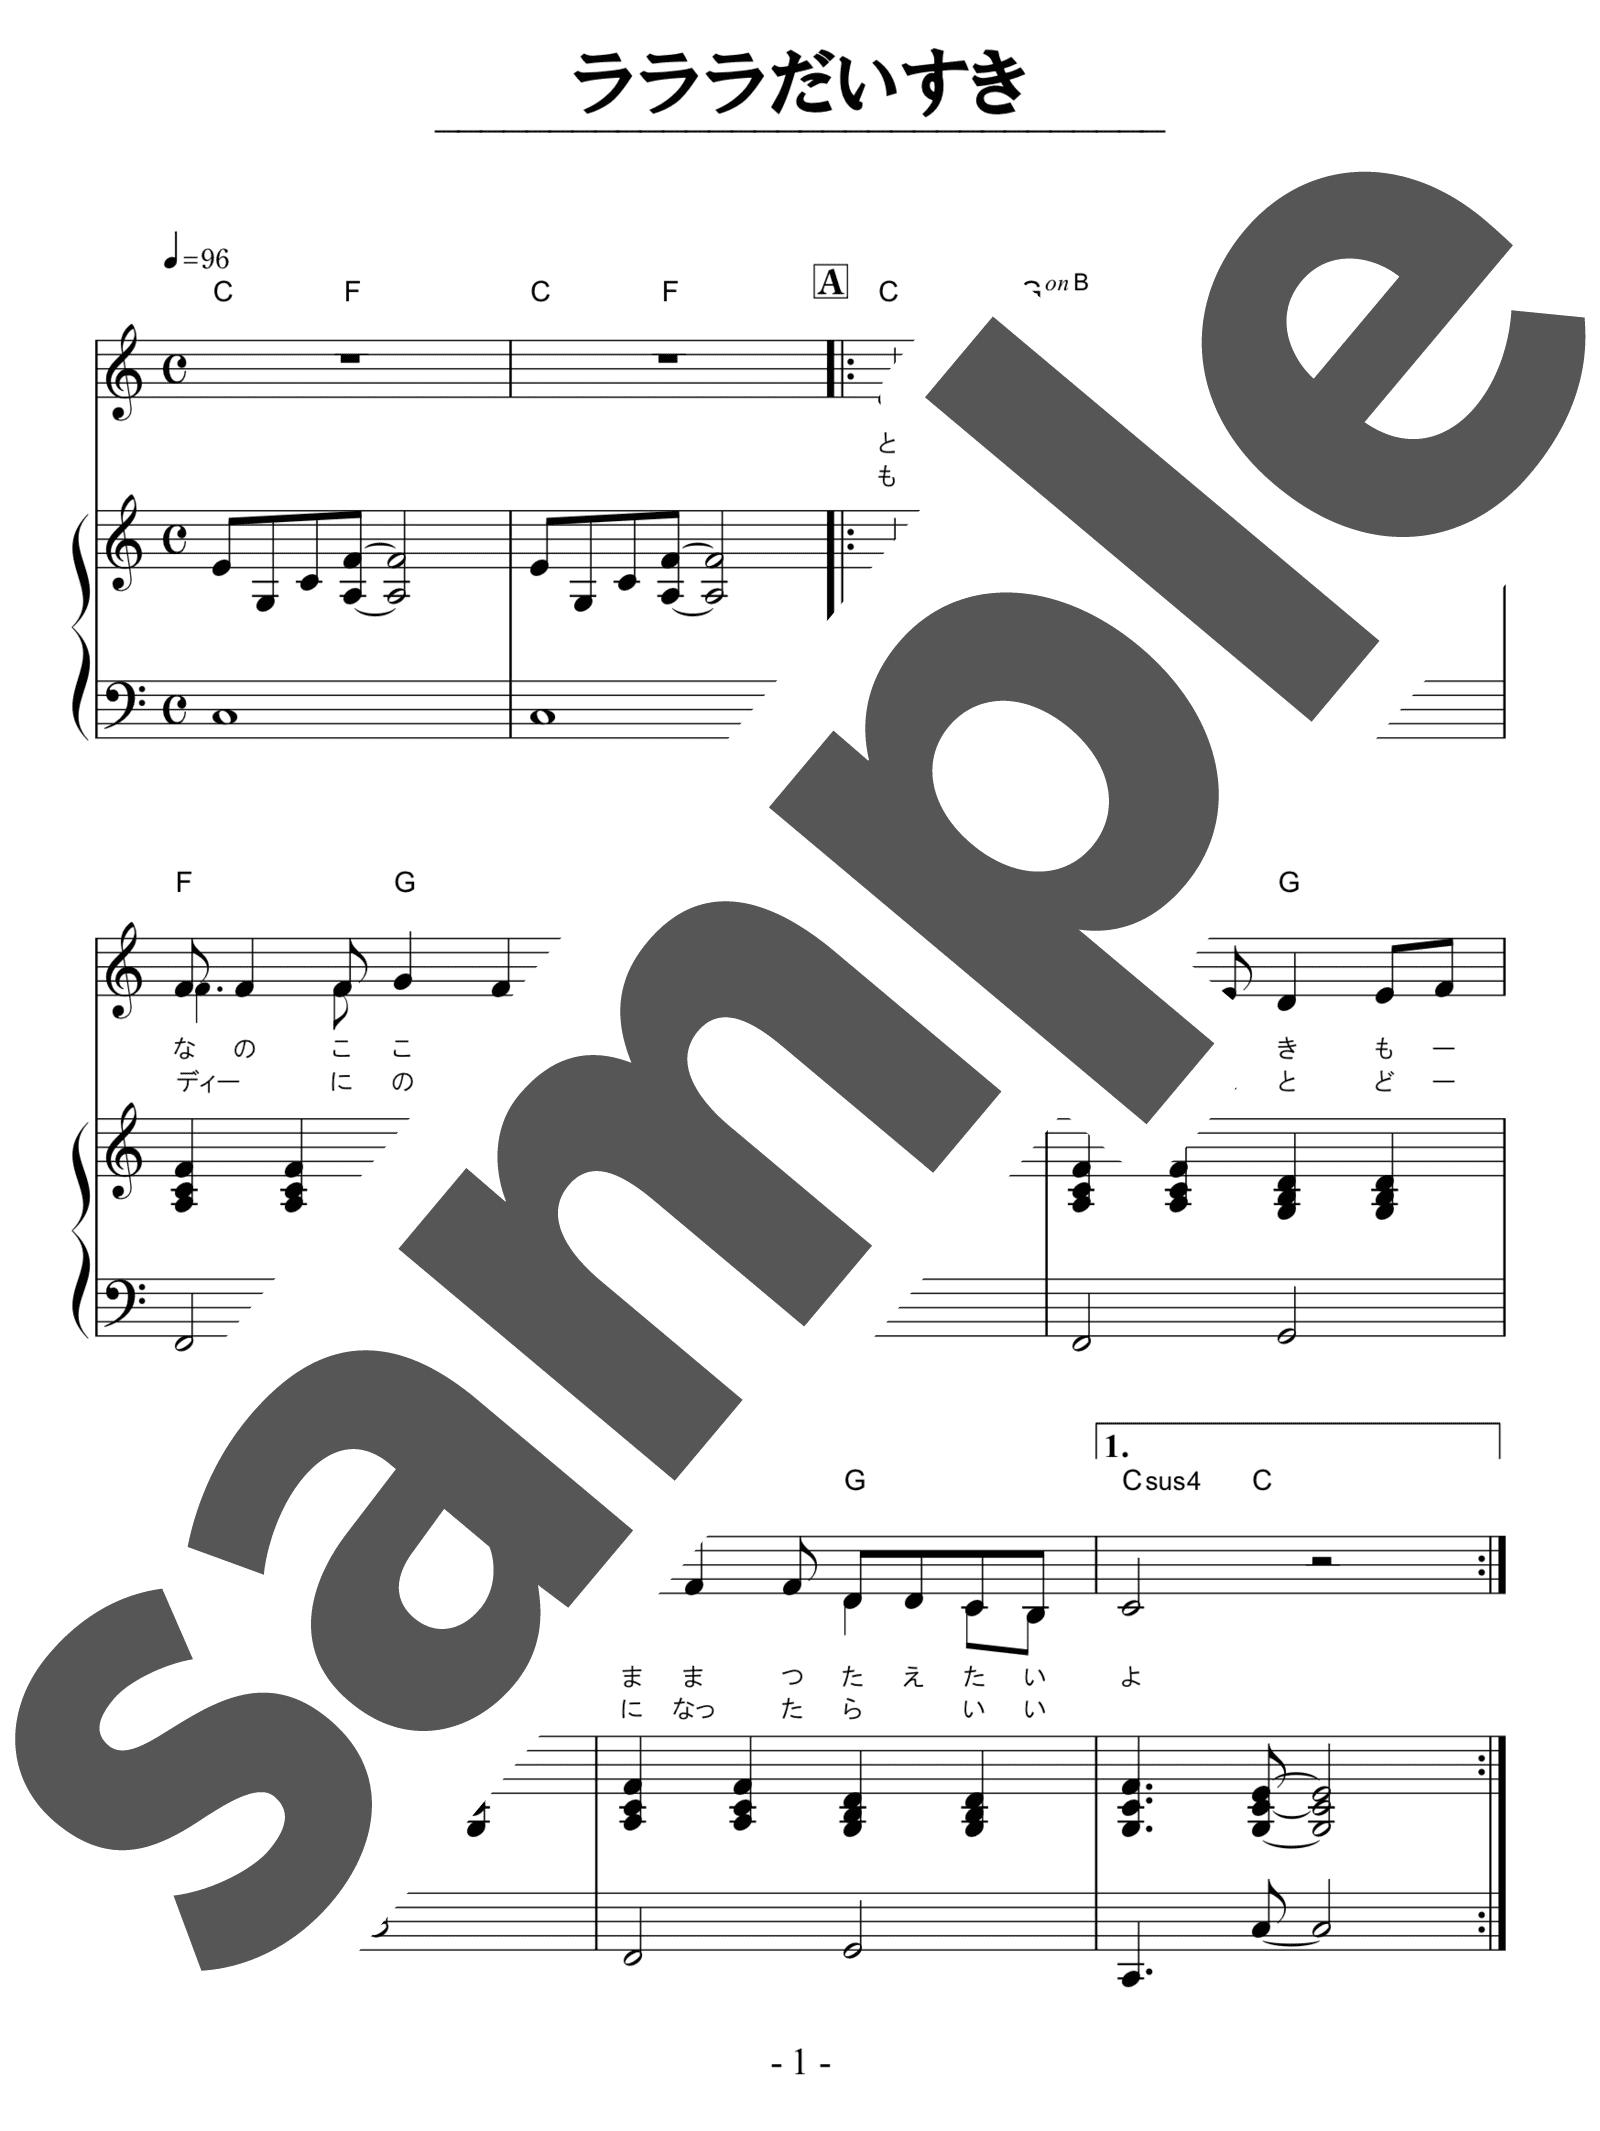 「ラララだいすき」のサンプル楽譜